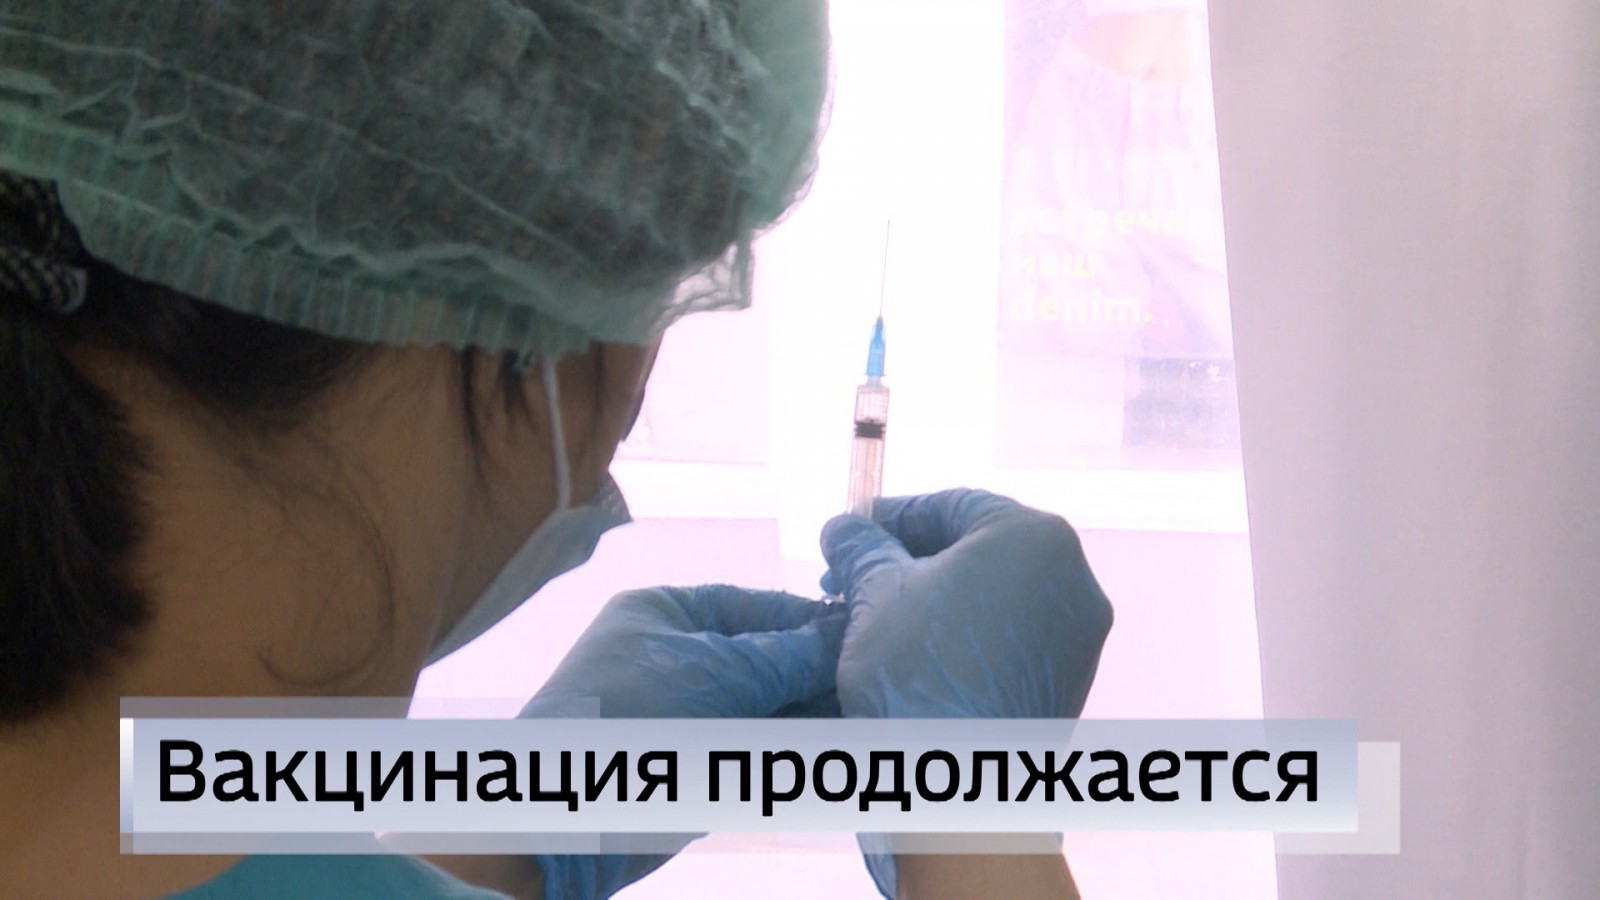 На сегодня вакцинацию от коронавируса в Калмыкии прошли около 20 тысяч человек